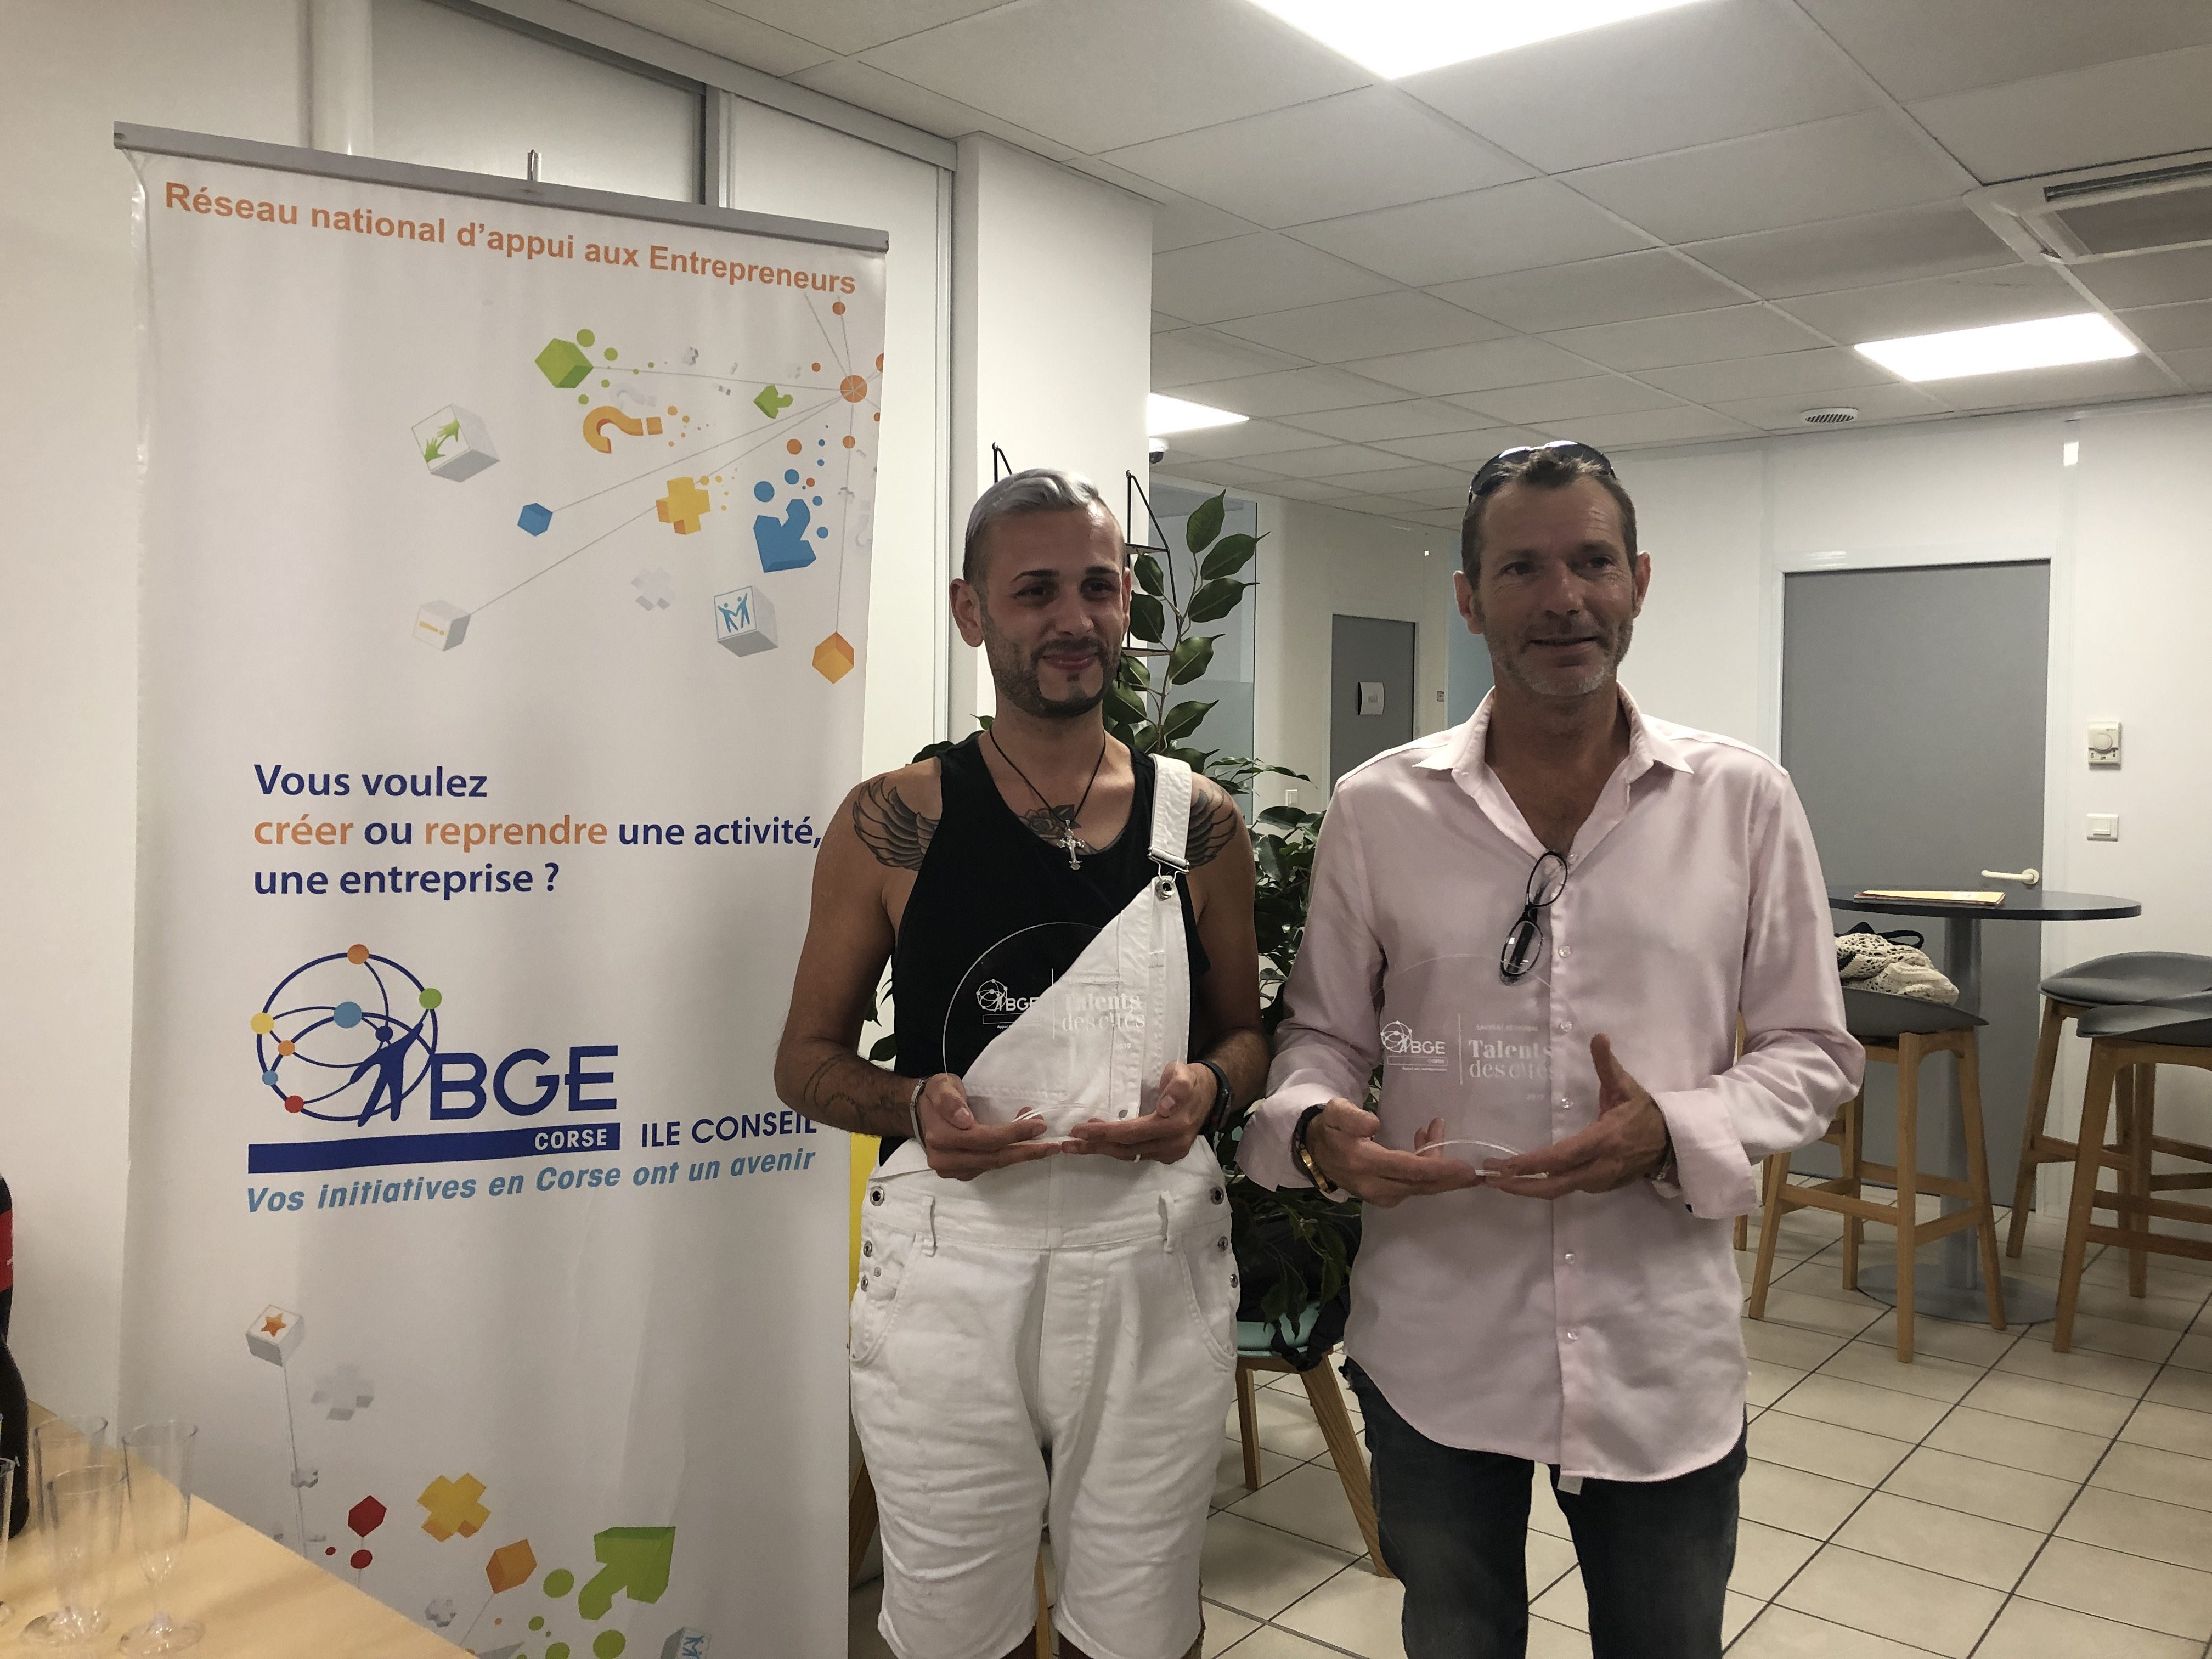 Talents des cités: les Jardins de l'Empereur d'Ajaccio et les quartiers sud de Bastia à l'honneur